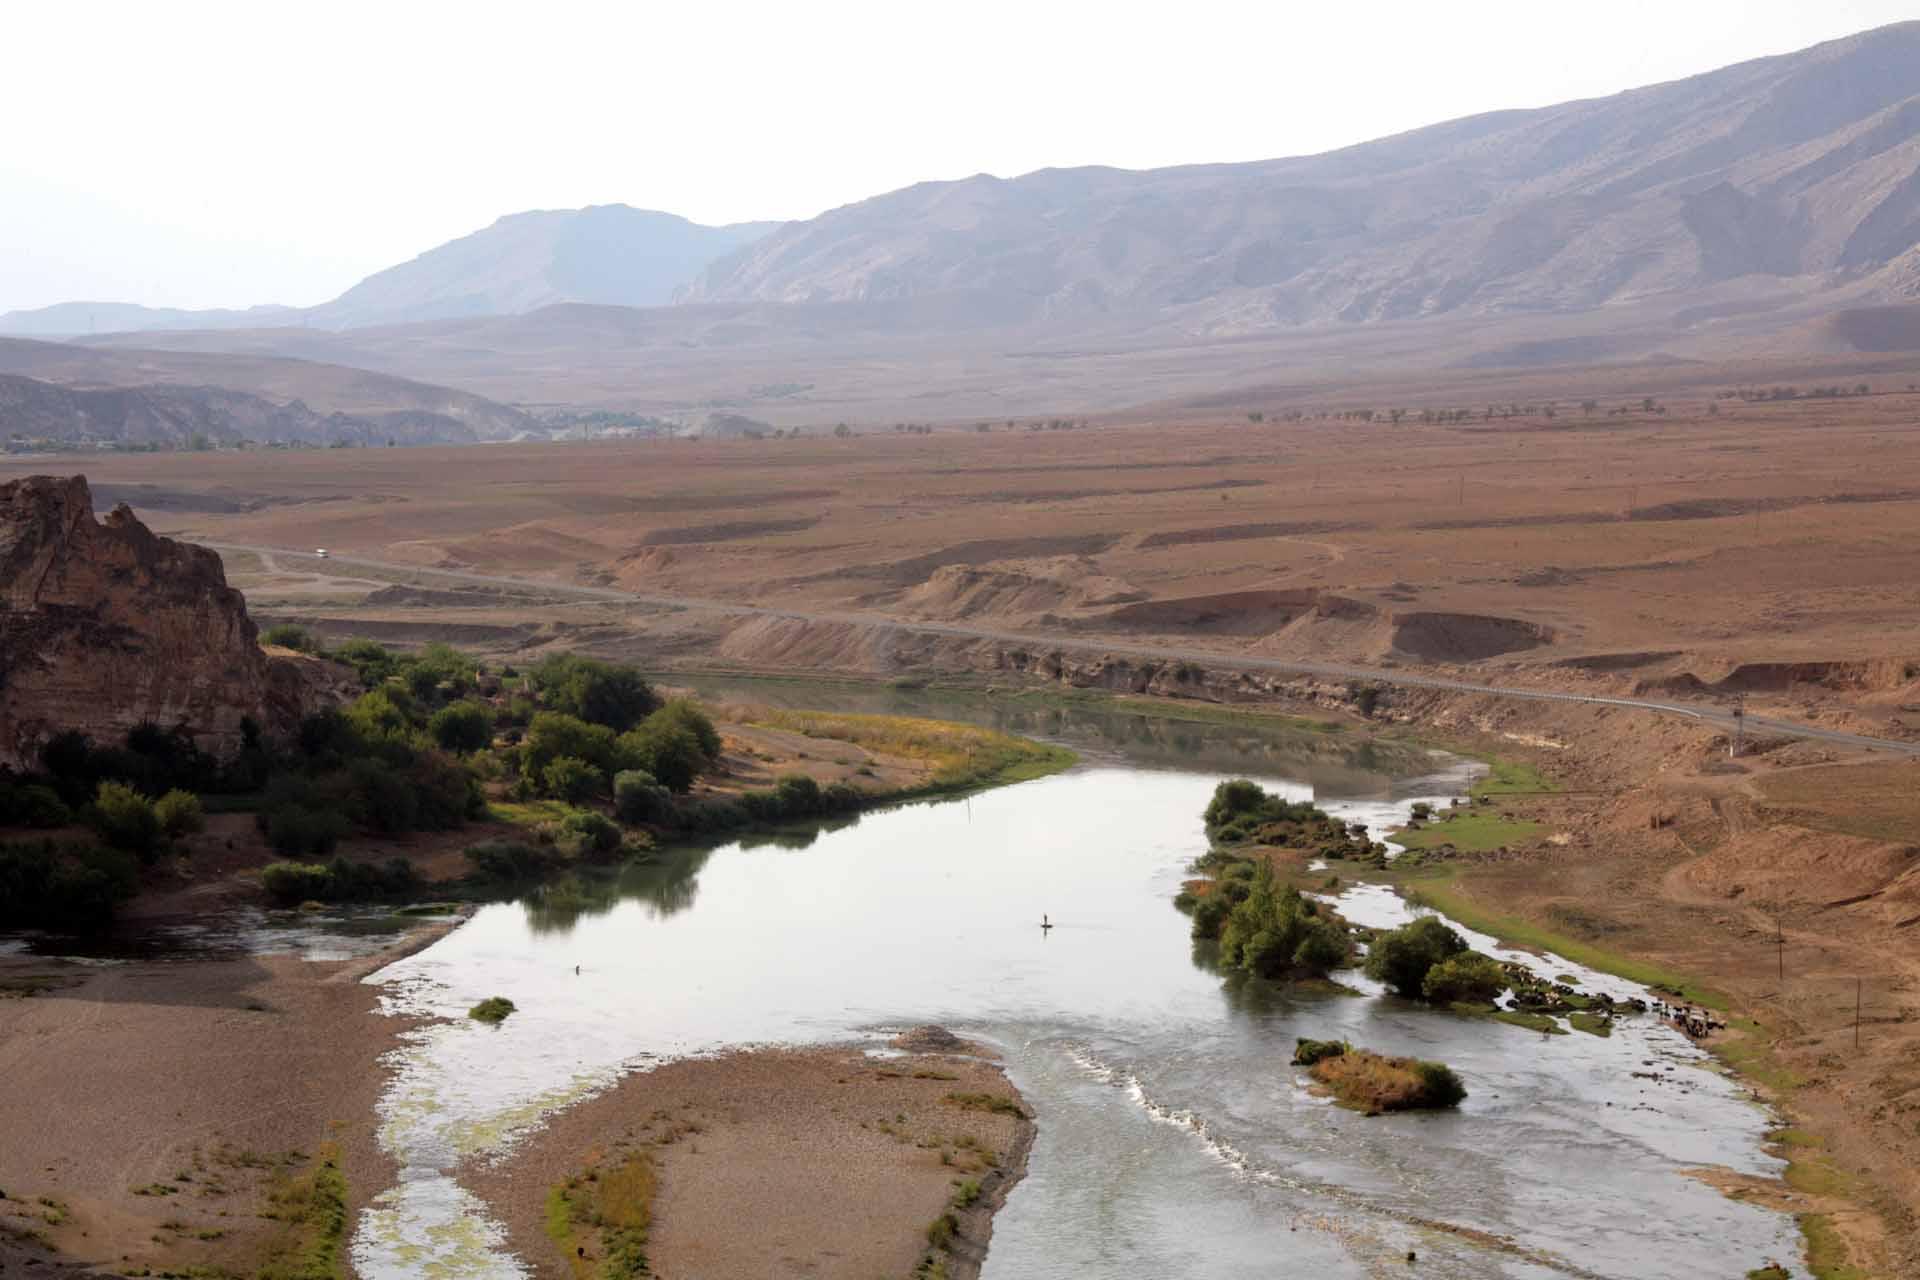 Mesopotamien oder Zweistromland, kurdisch/türkisch Mezopotamya, die Kulturlandschaft in Vorderasien, welche durch die großen Flusssysteme des Euphrat und Tigris geprägt wird, gehört es zu den wichtigen kulturellen Entwicklungszentren des Alten Orients.